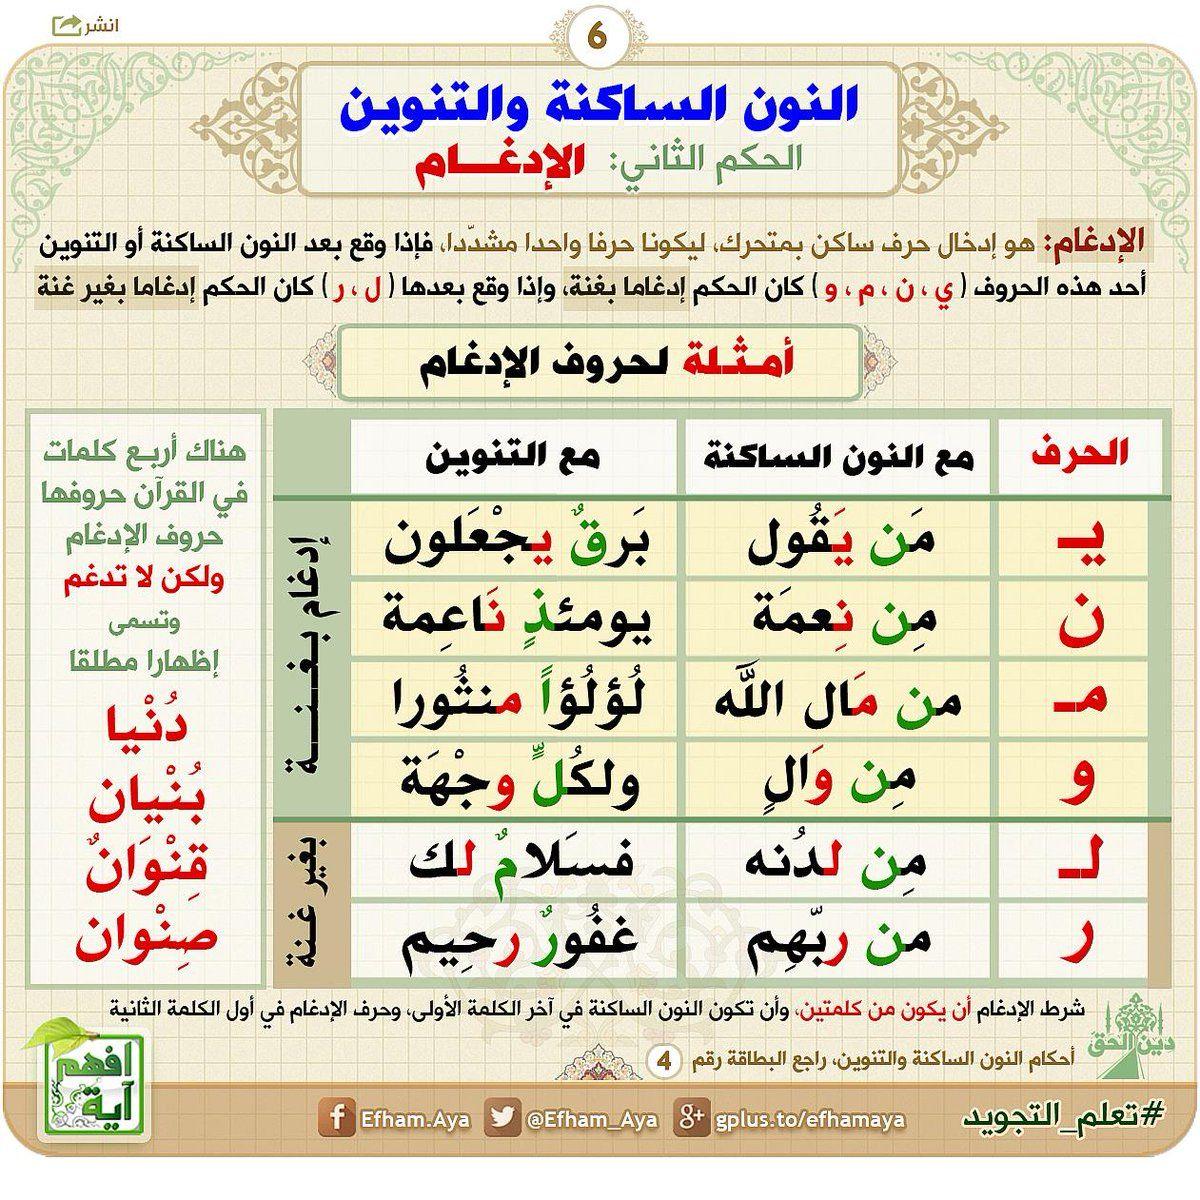 افهم آية Efham Aya Twitter